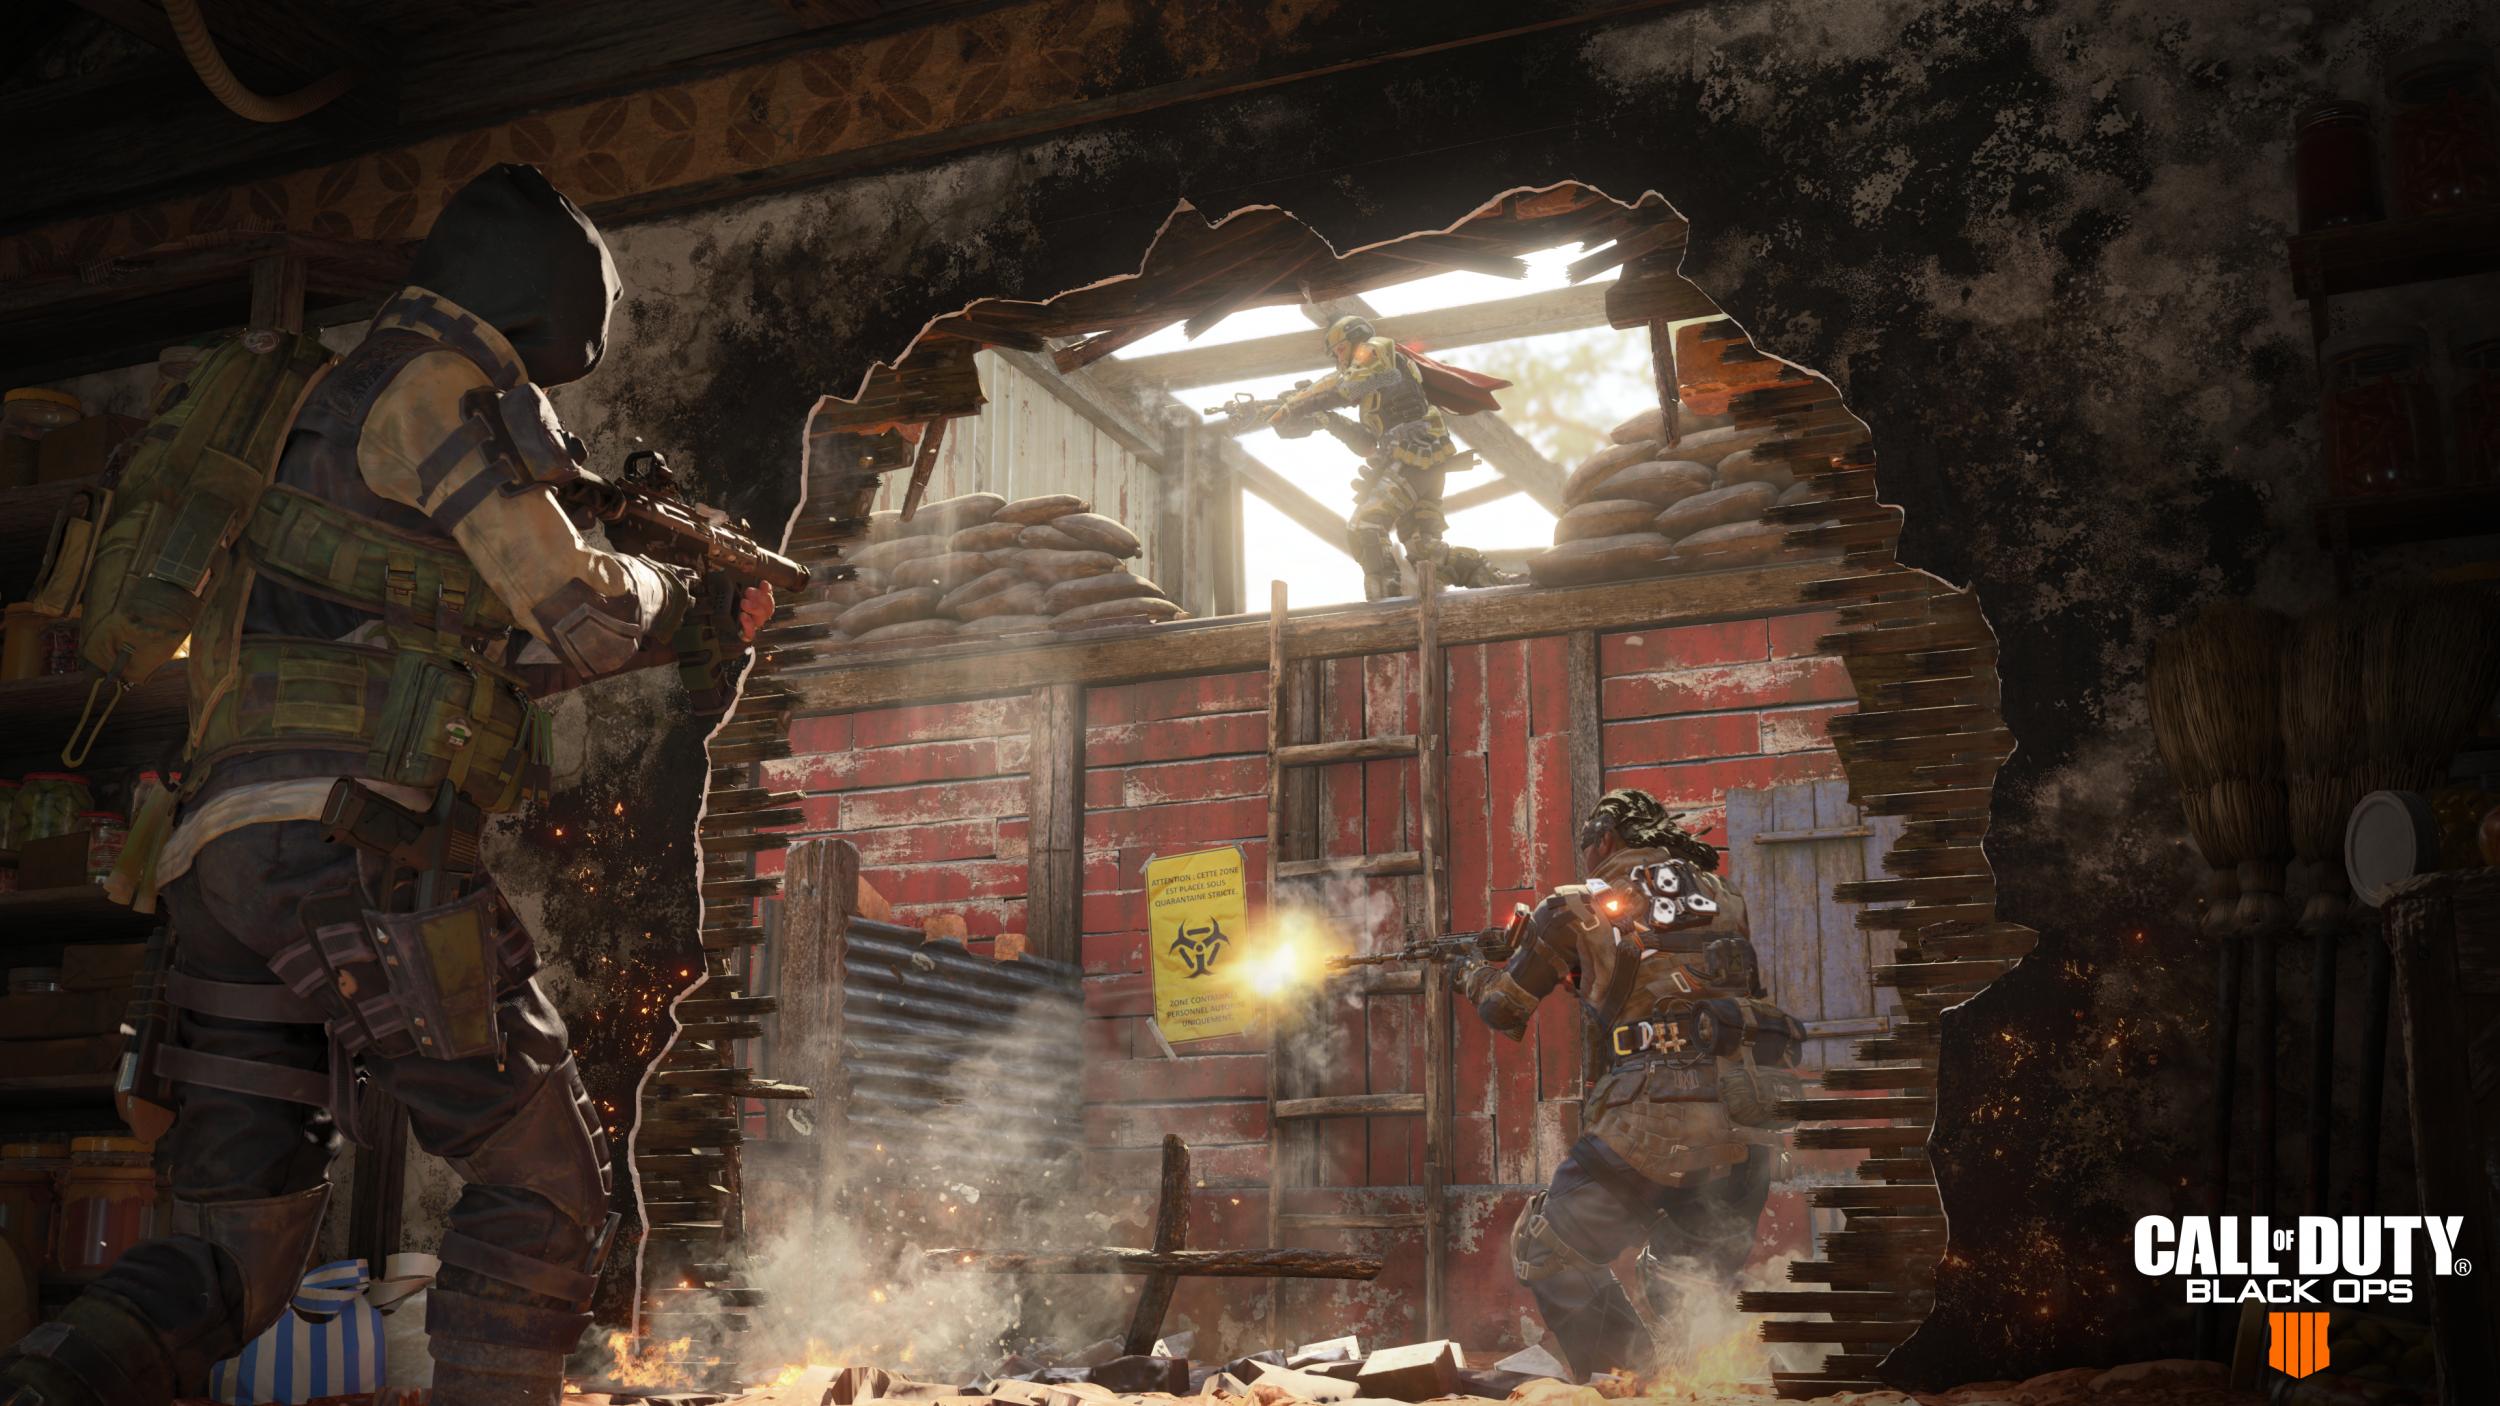 Black Ops 4 Madagascar 111 update